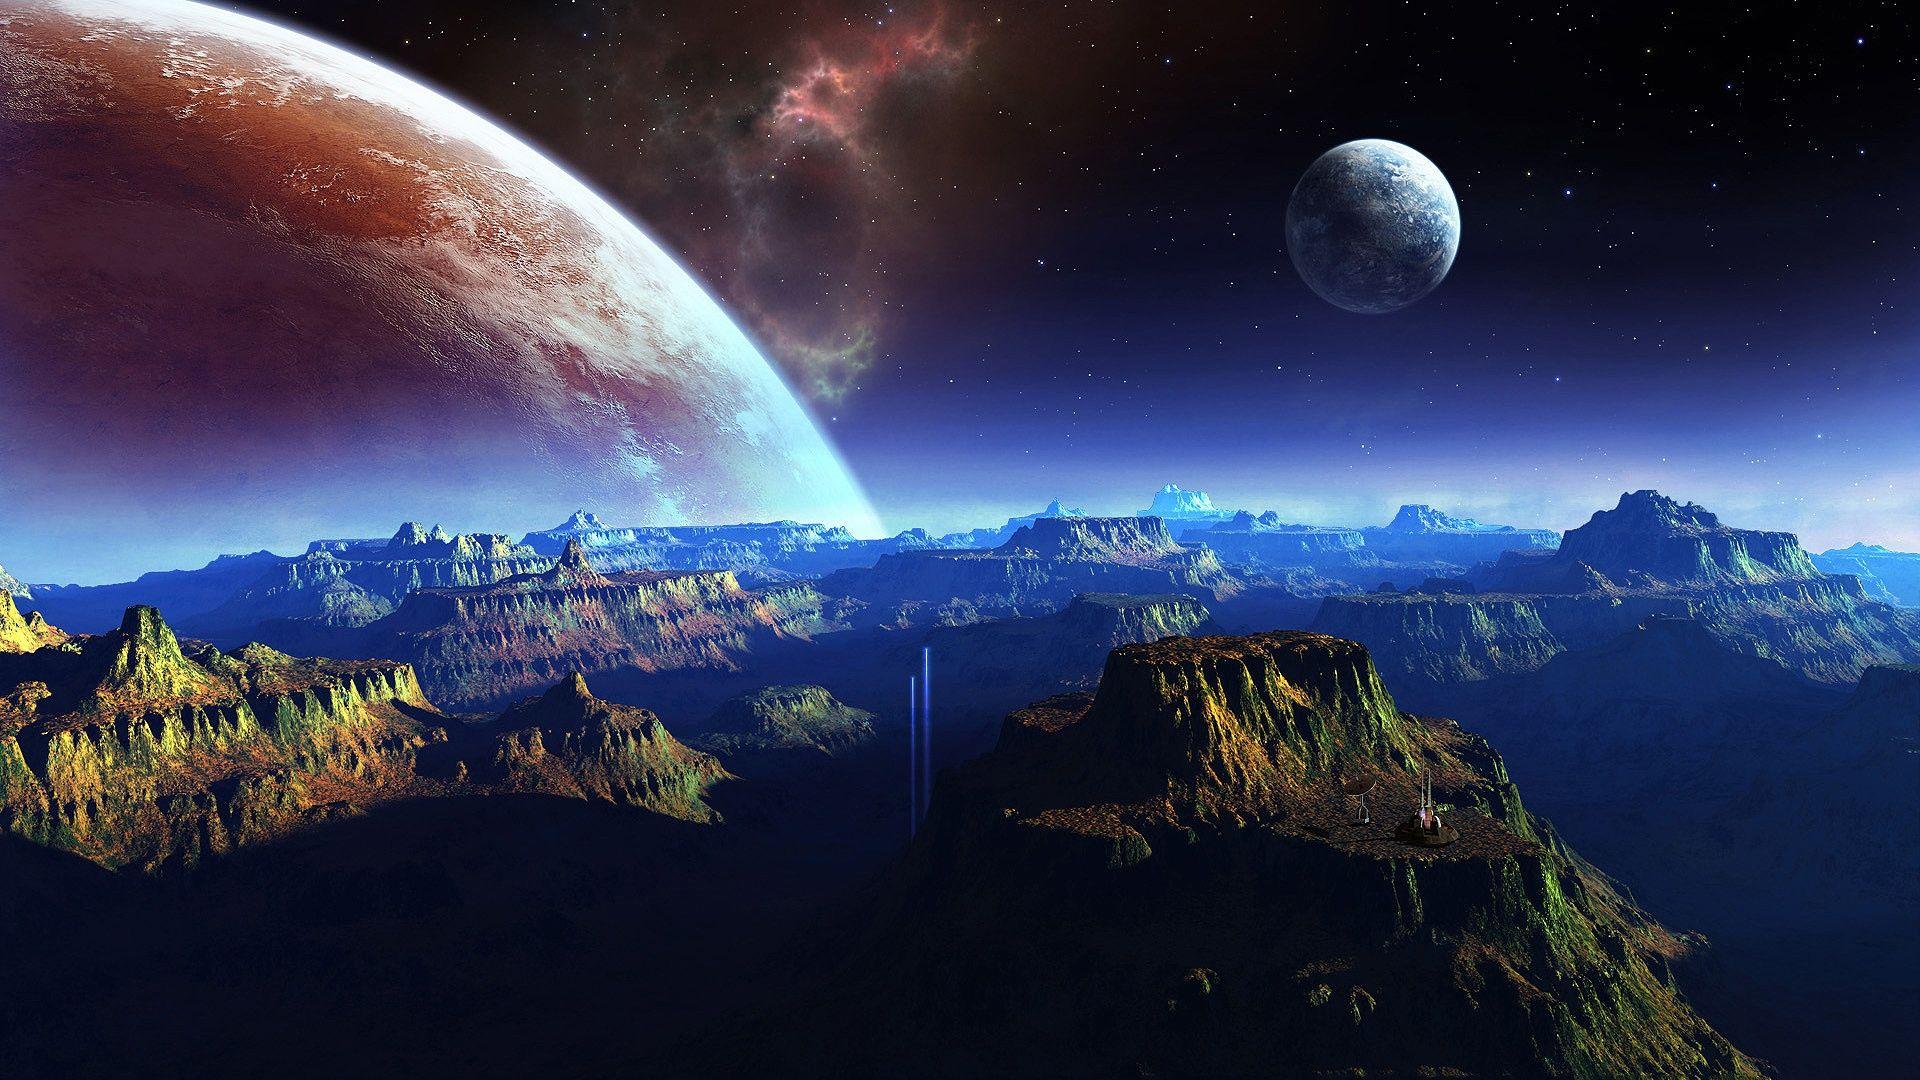 space fantasy hd desktop wallpapers 9 | space fantasy hd desktop